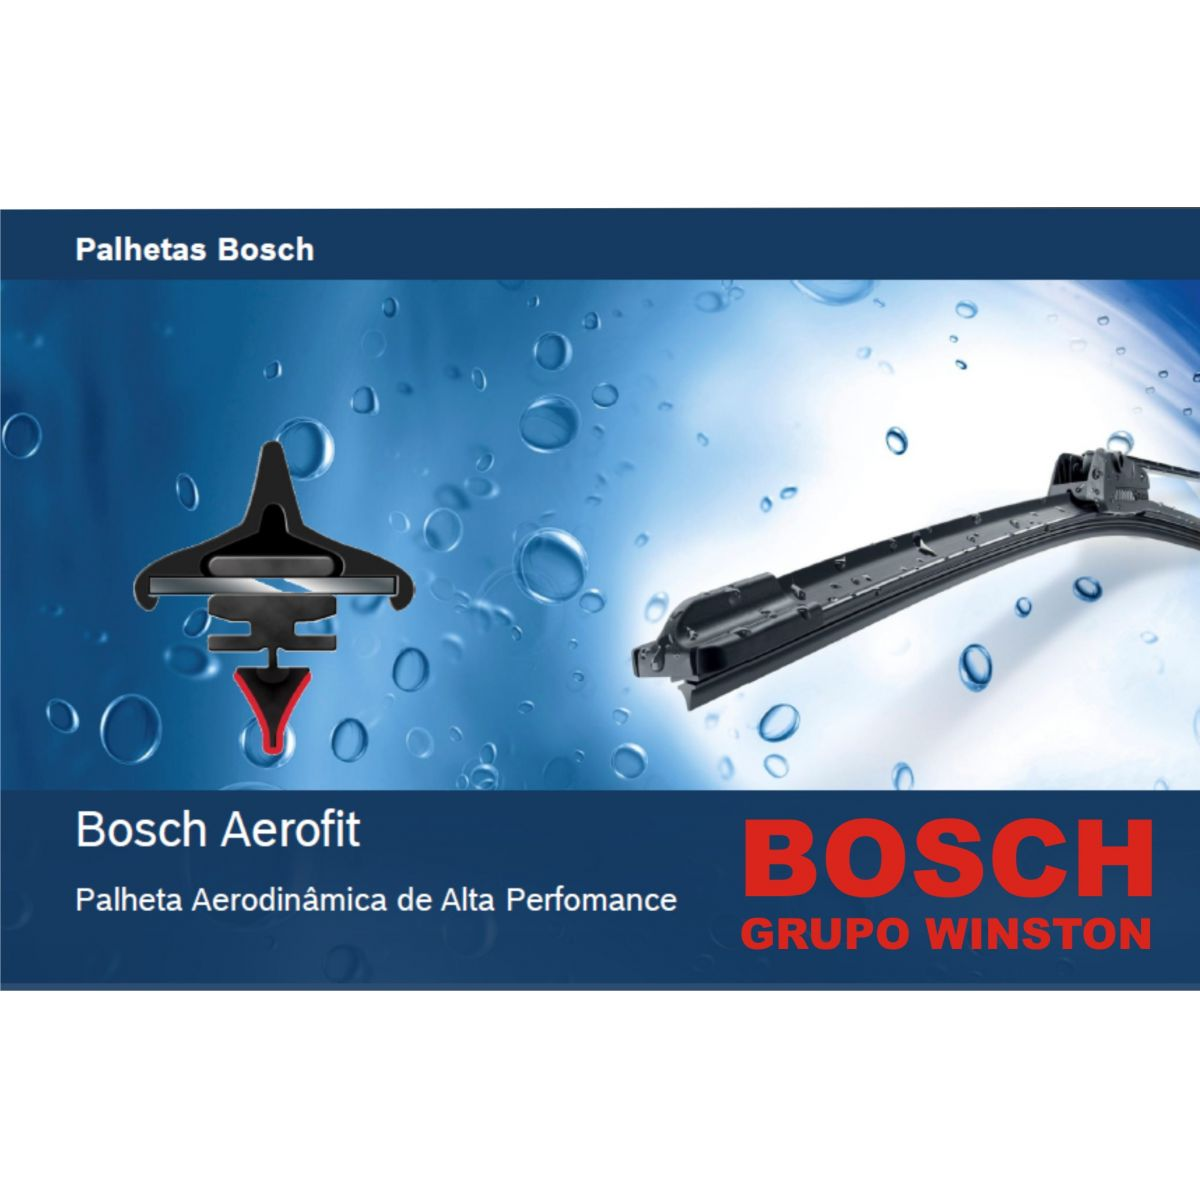 Palheta Bosch Aerofit Limpador de para brisa Bosch TOYOTA Hilux / SW